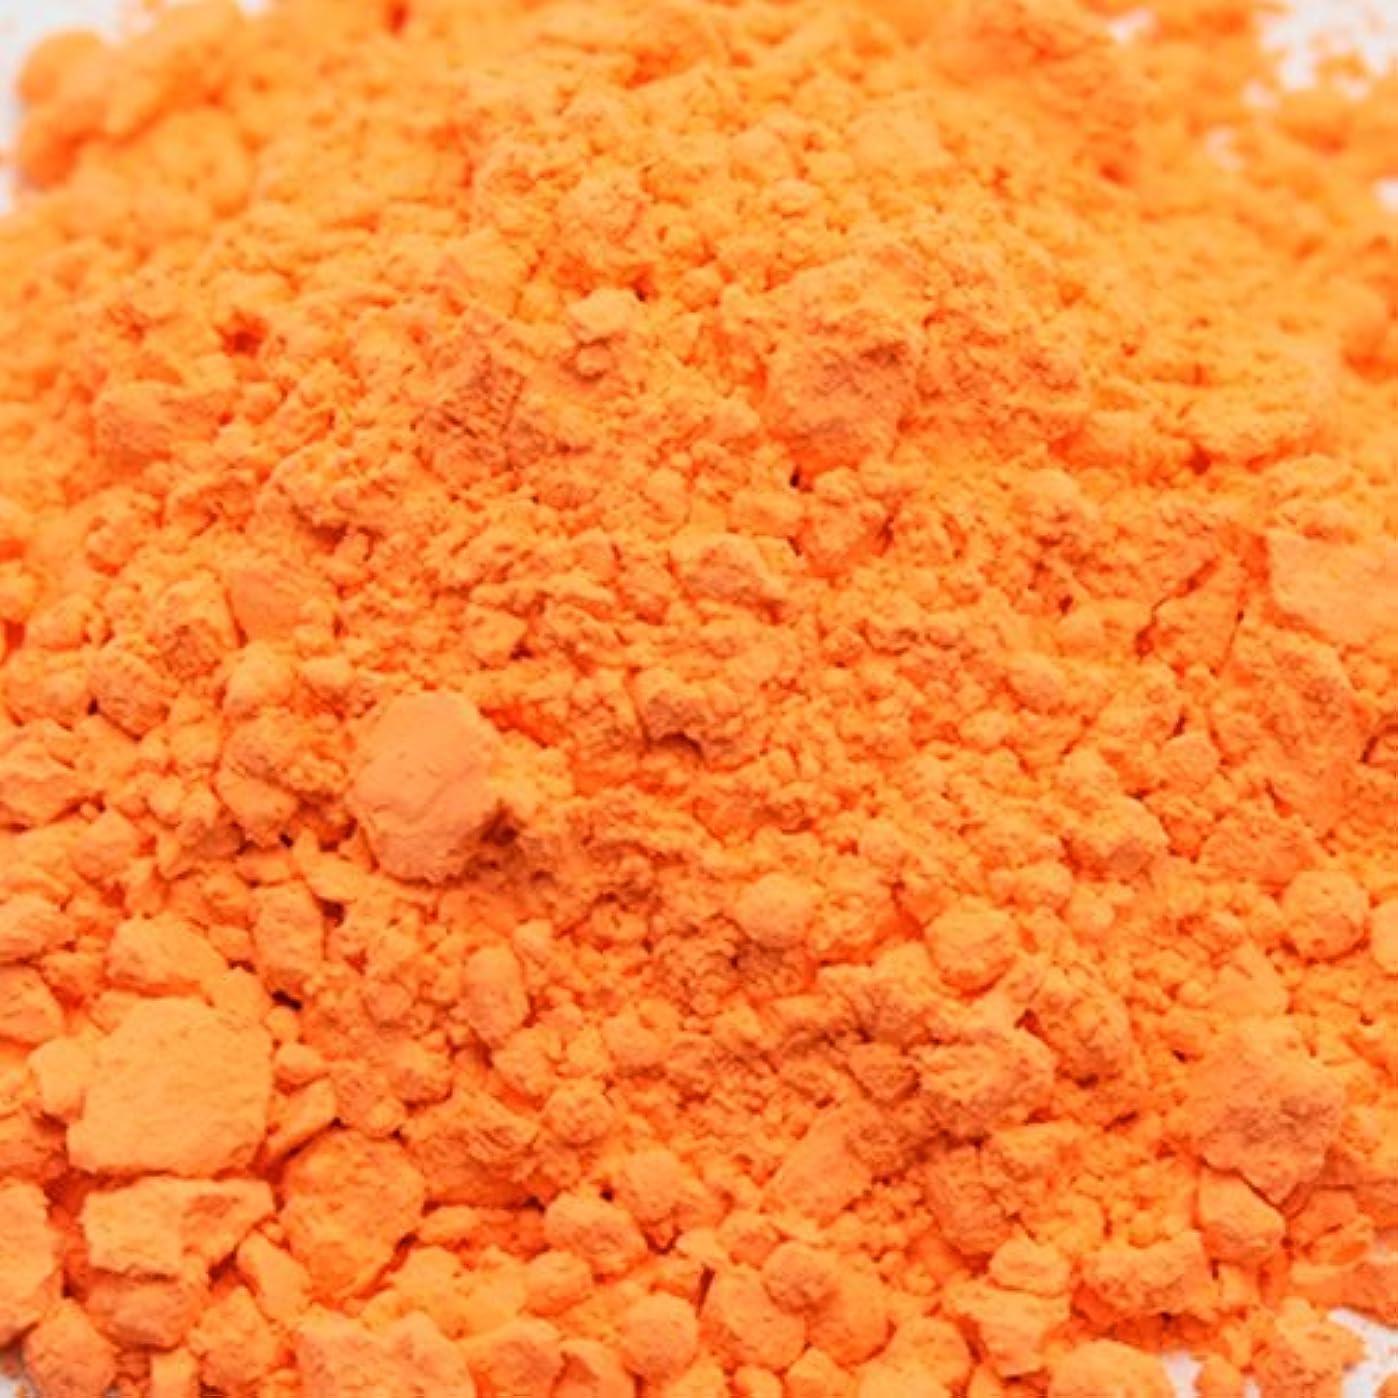 ハンディキャップノートレザーキャンディカラー オレンジ 5g 【手作り石鹸/手作りコスメ/色付け/カラーラント/オレンジ】